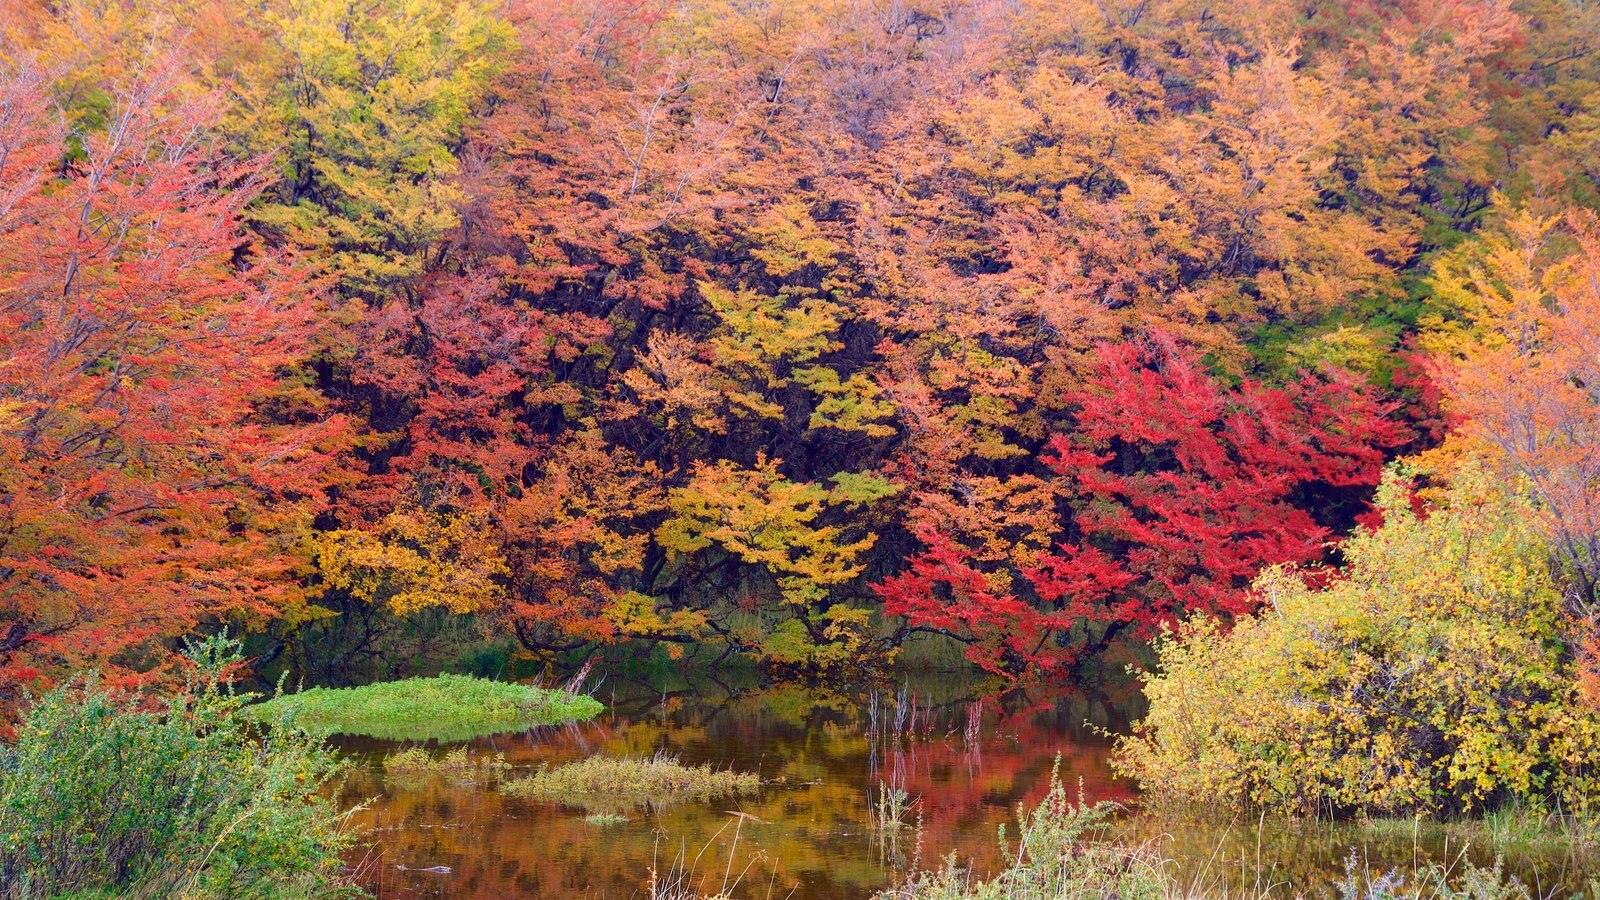 El Calafate caracterizando cenas de floresta, um lago e cores do outono